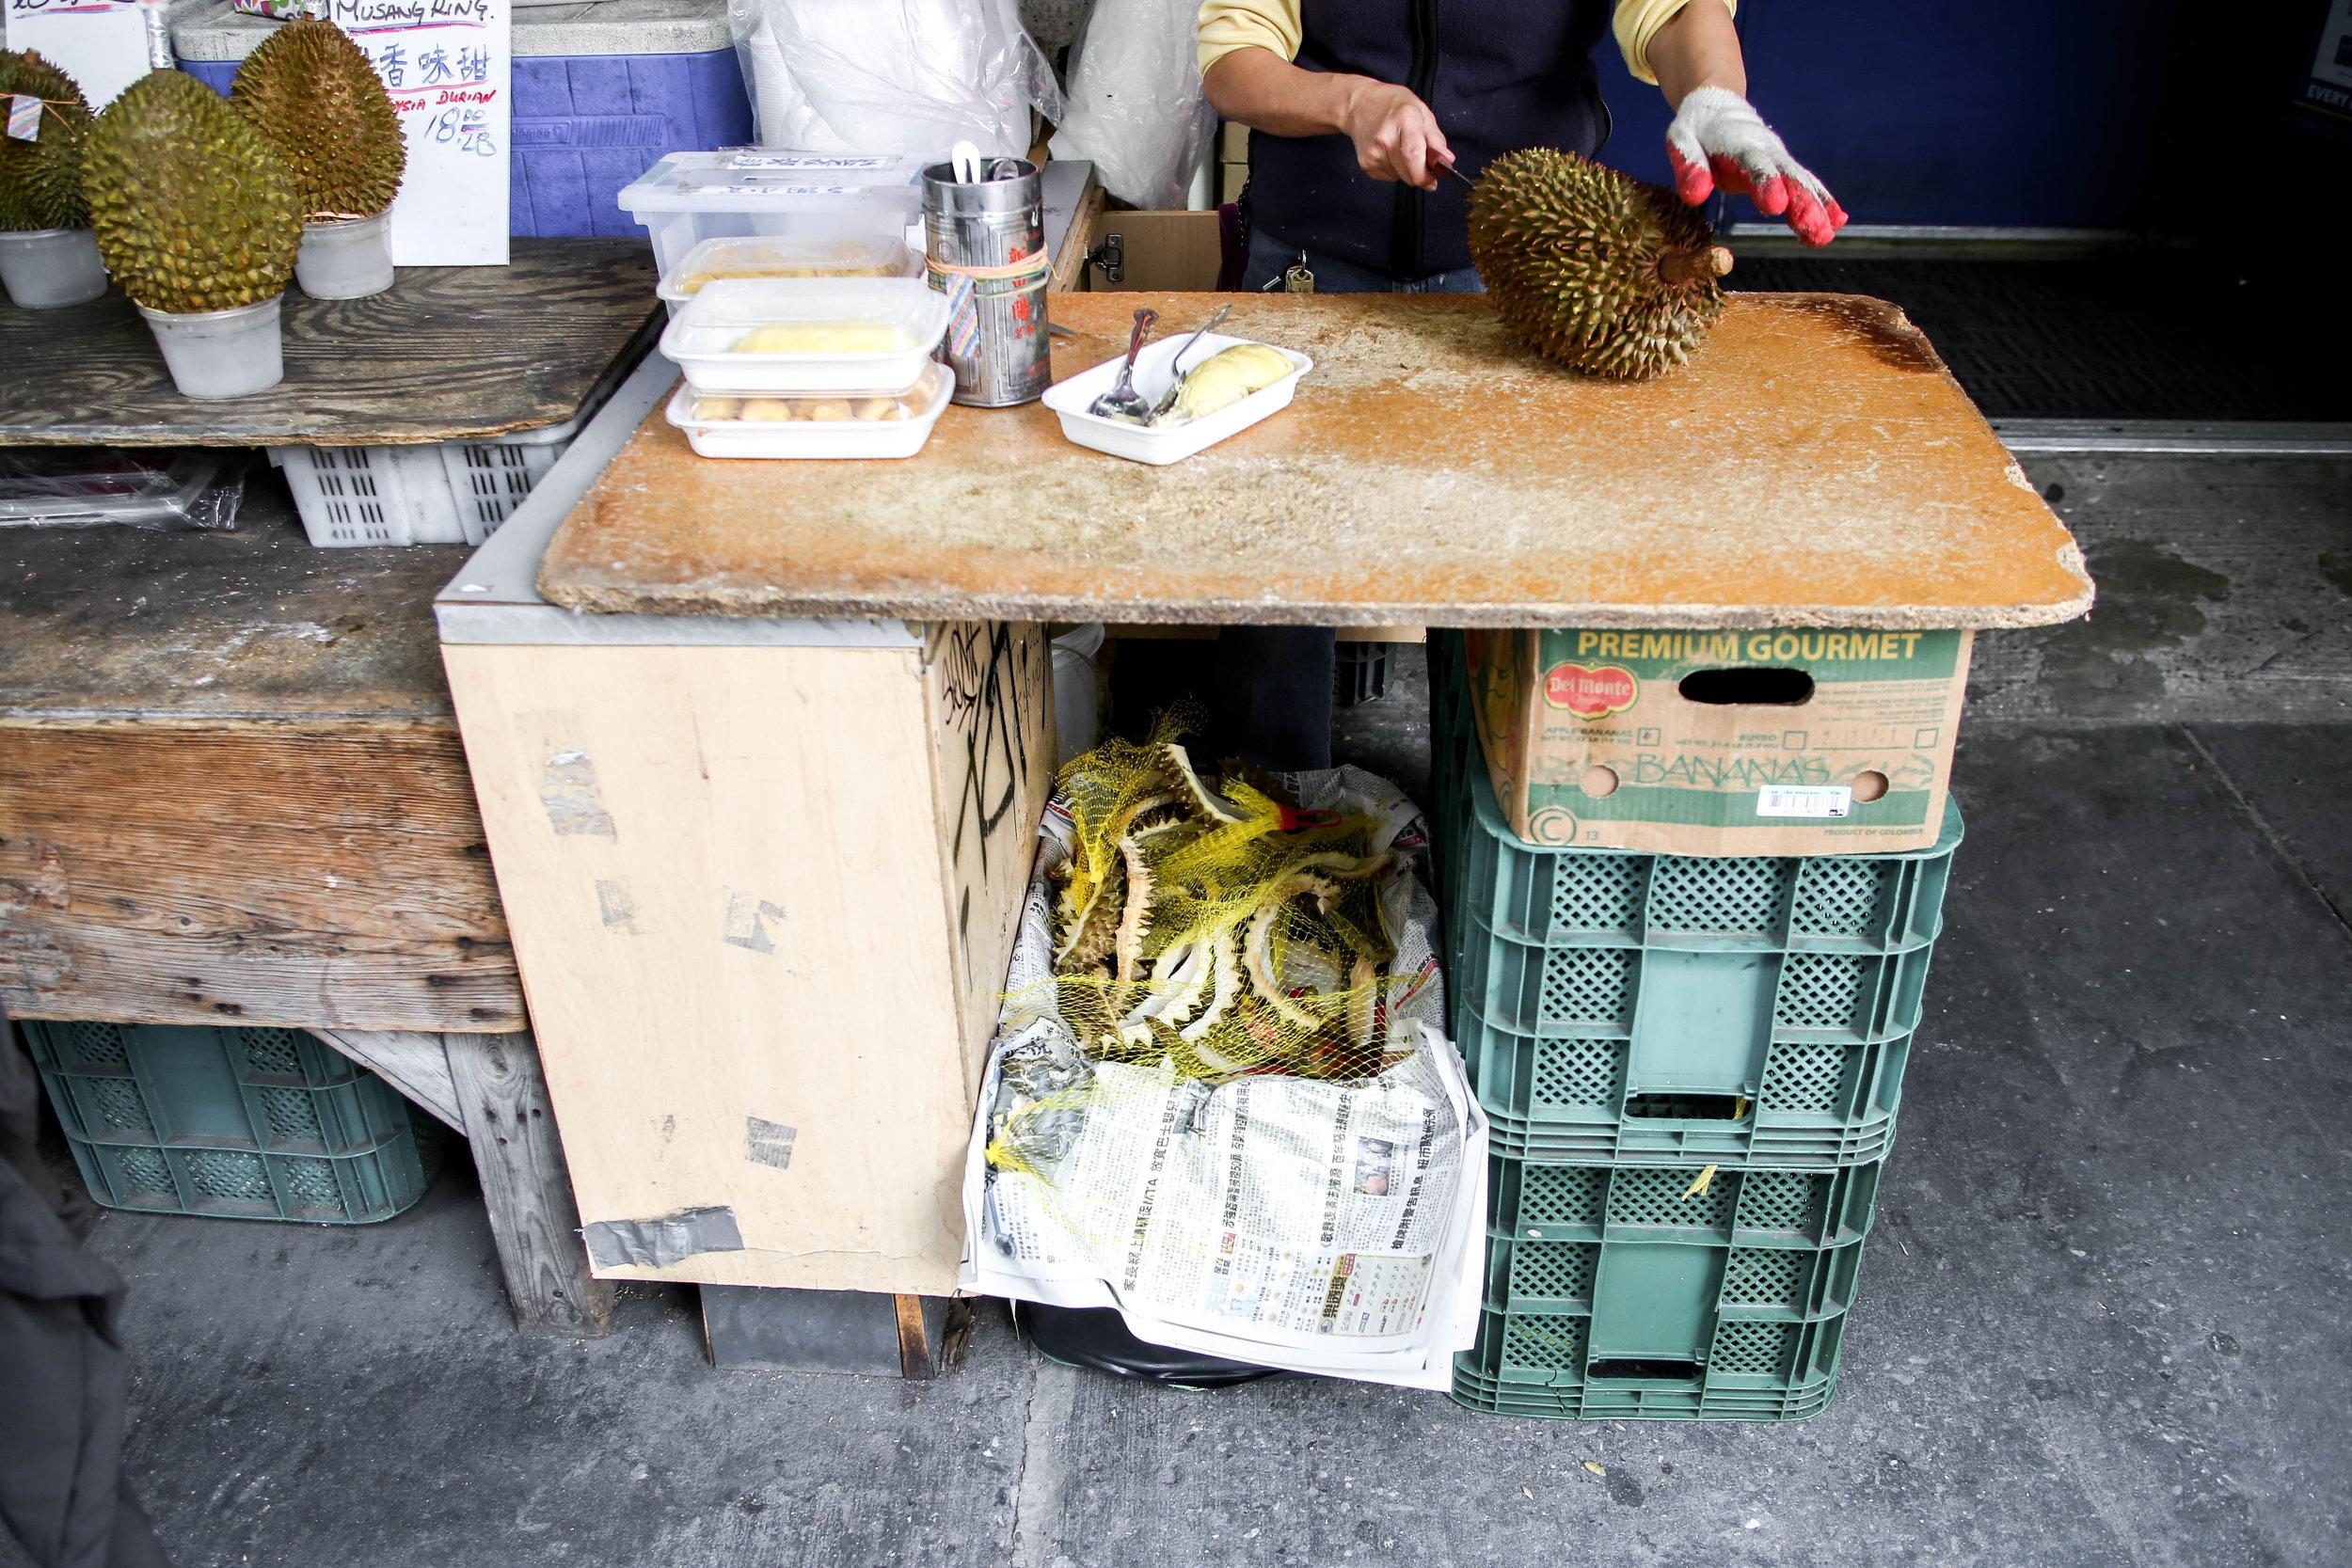 Msivin-Durian-Taste-03.jpg